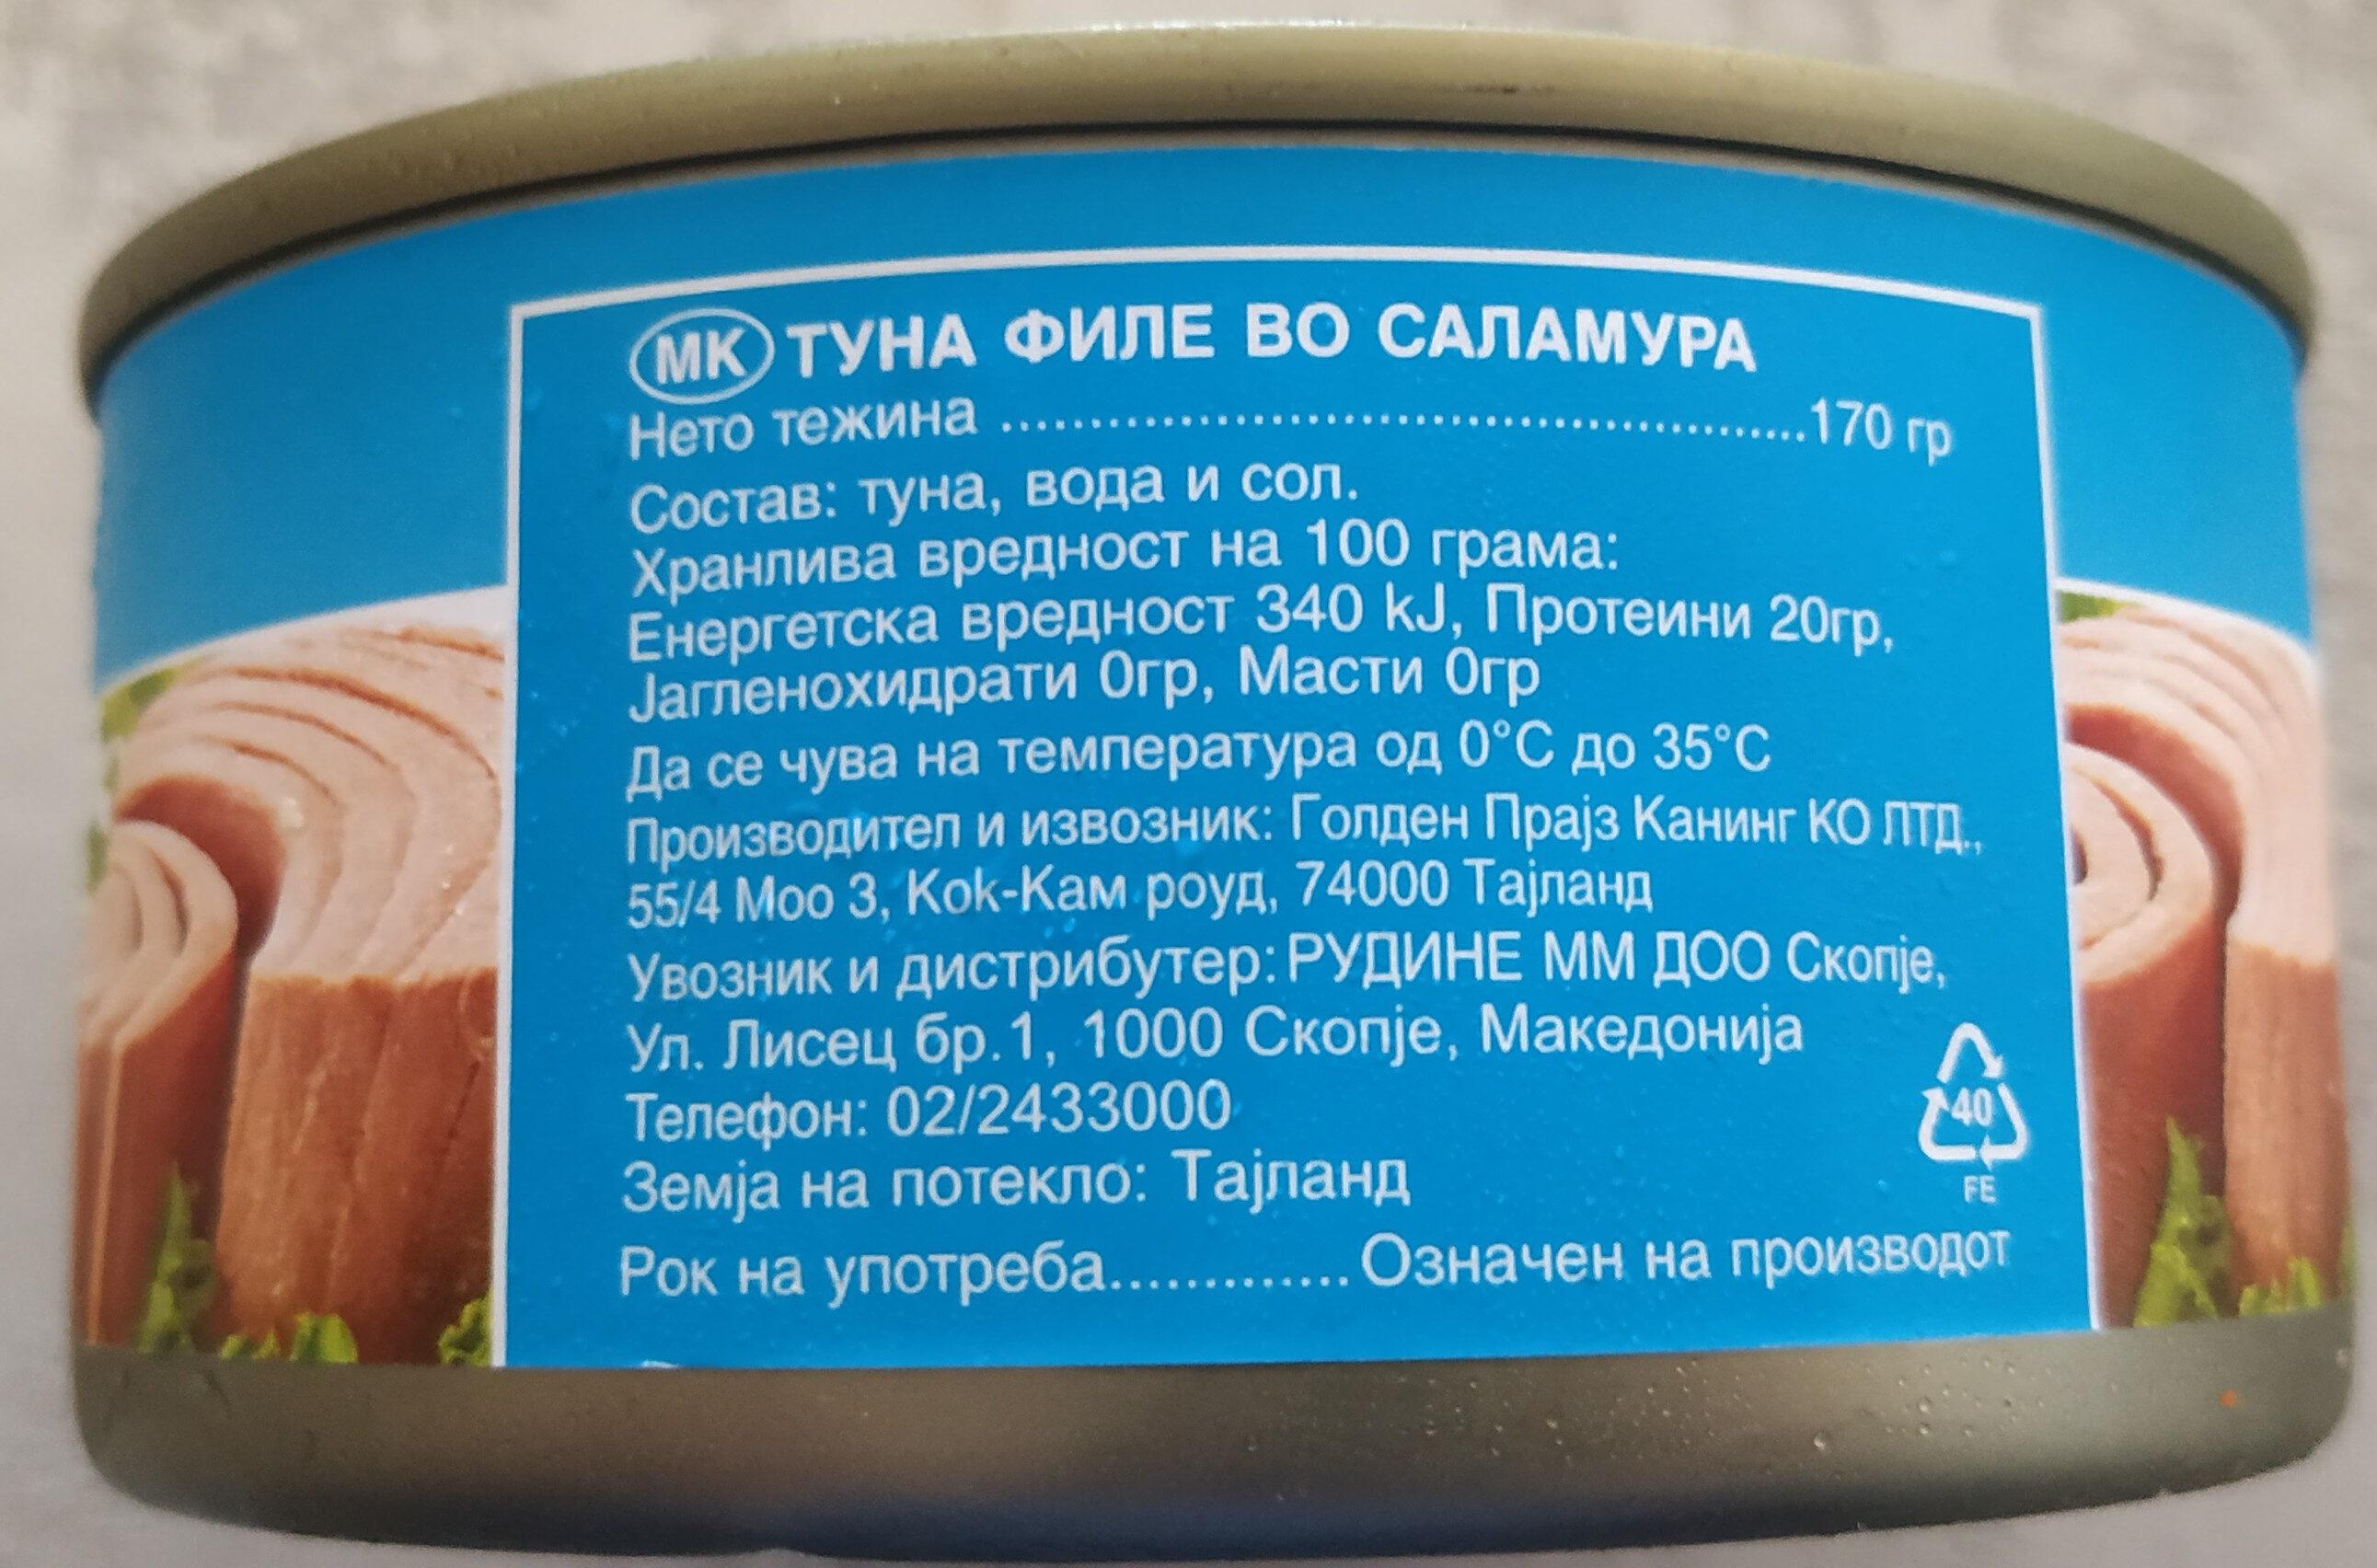 Tuna in brine - Ingrédients